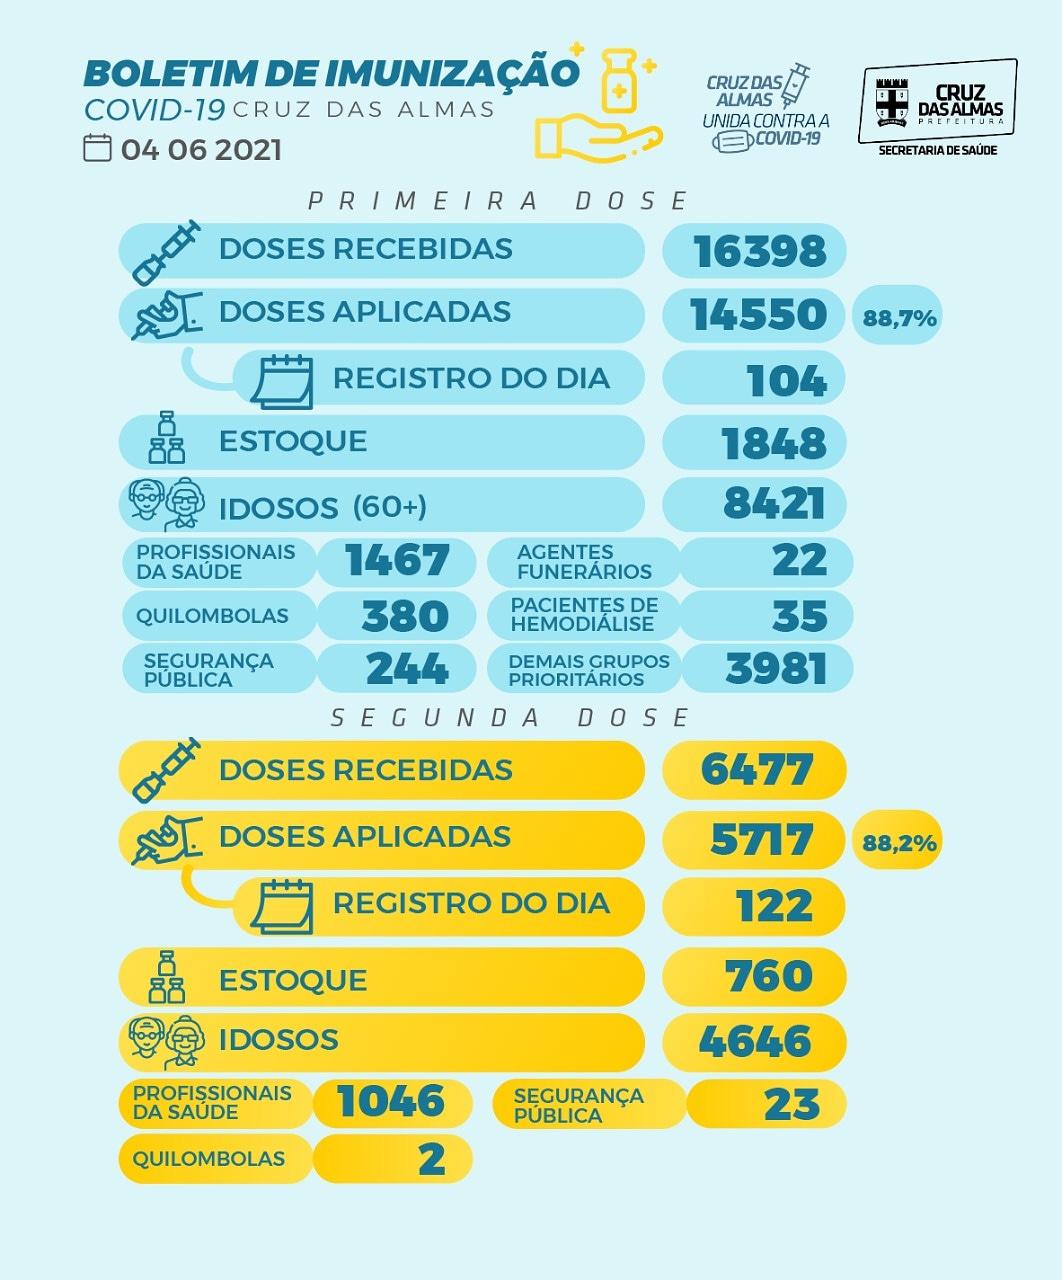 BOLETIM DE IMUNIZAÇÃO 04/06/2021